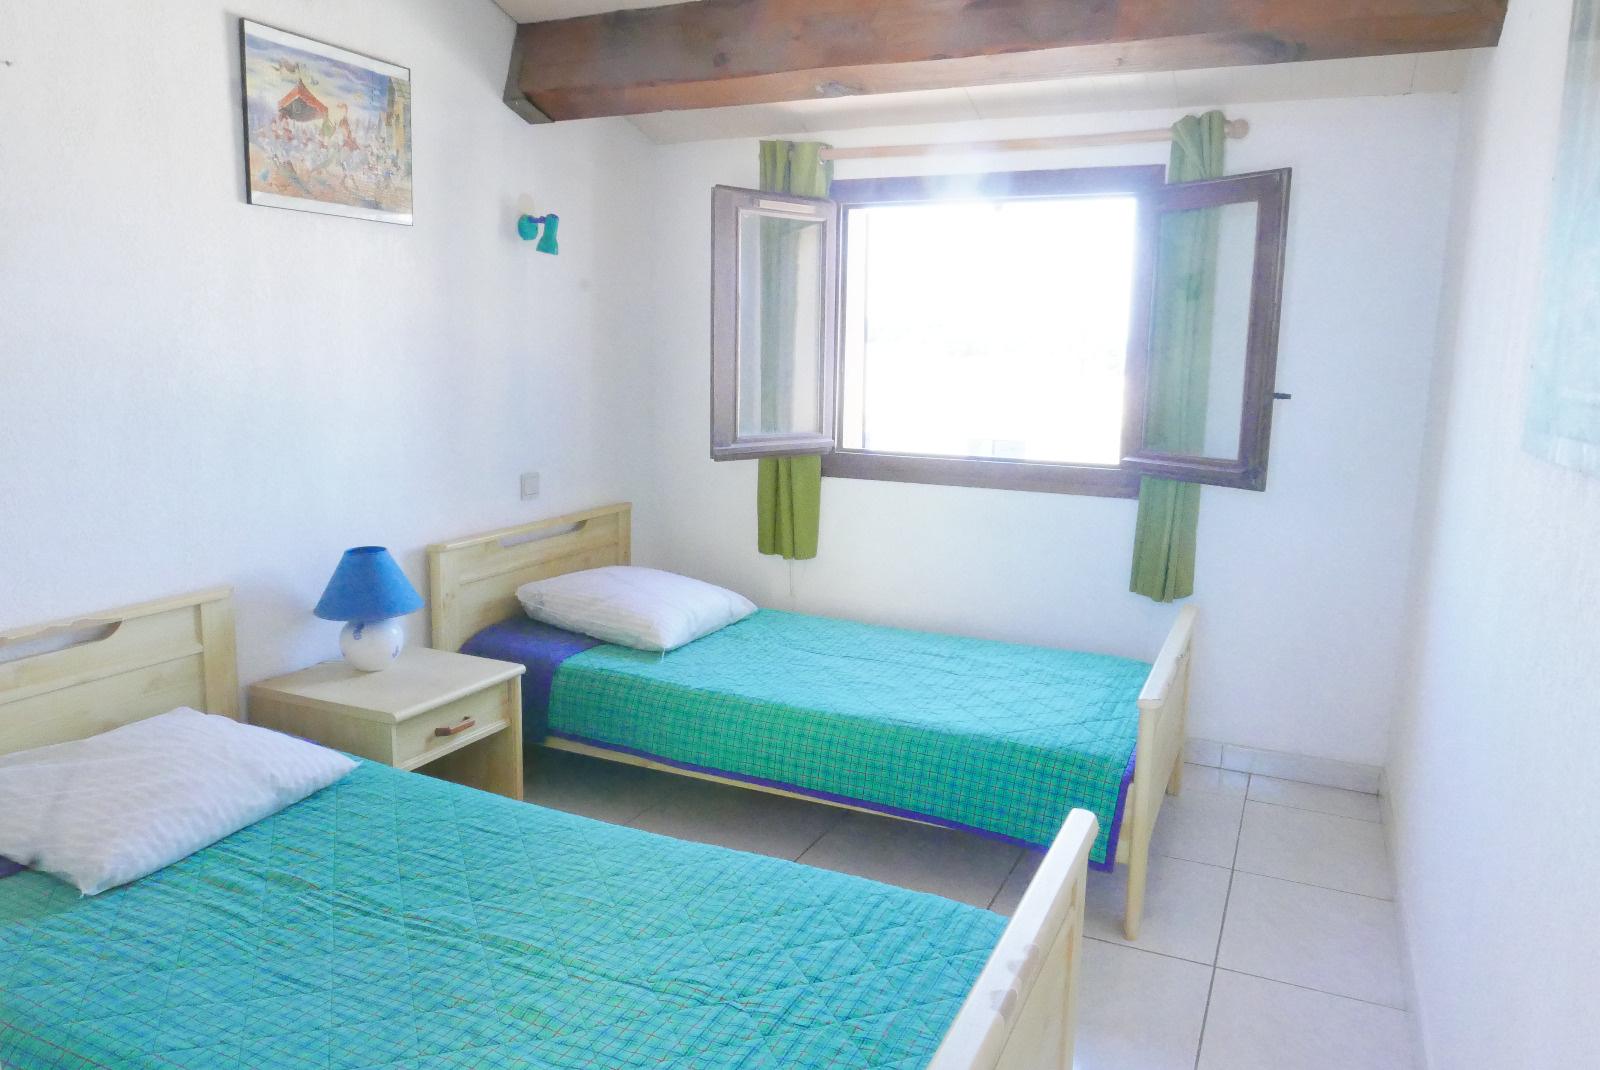 Chambre 2eme etage avec lits en 80*